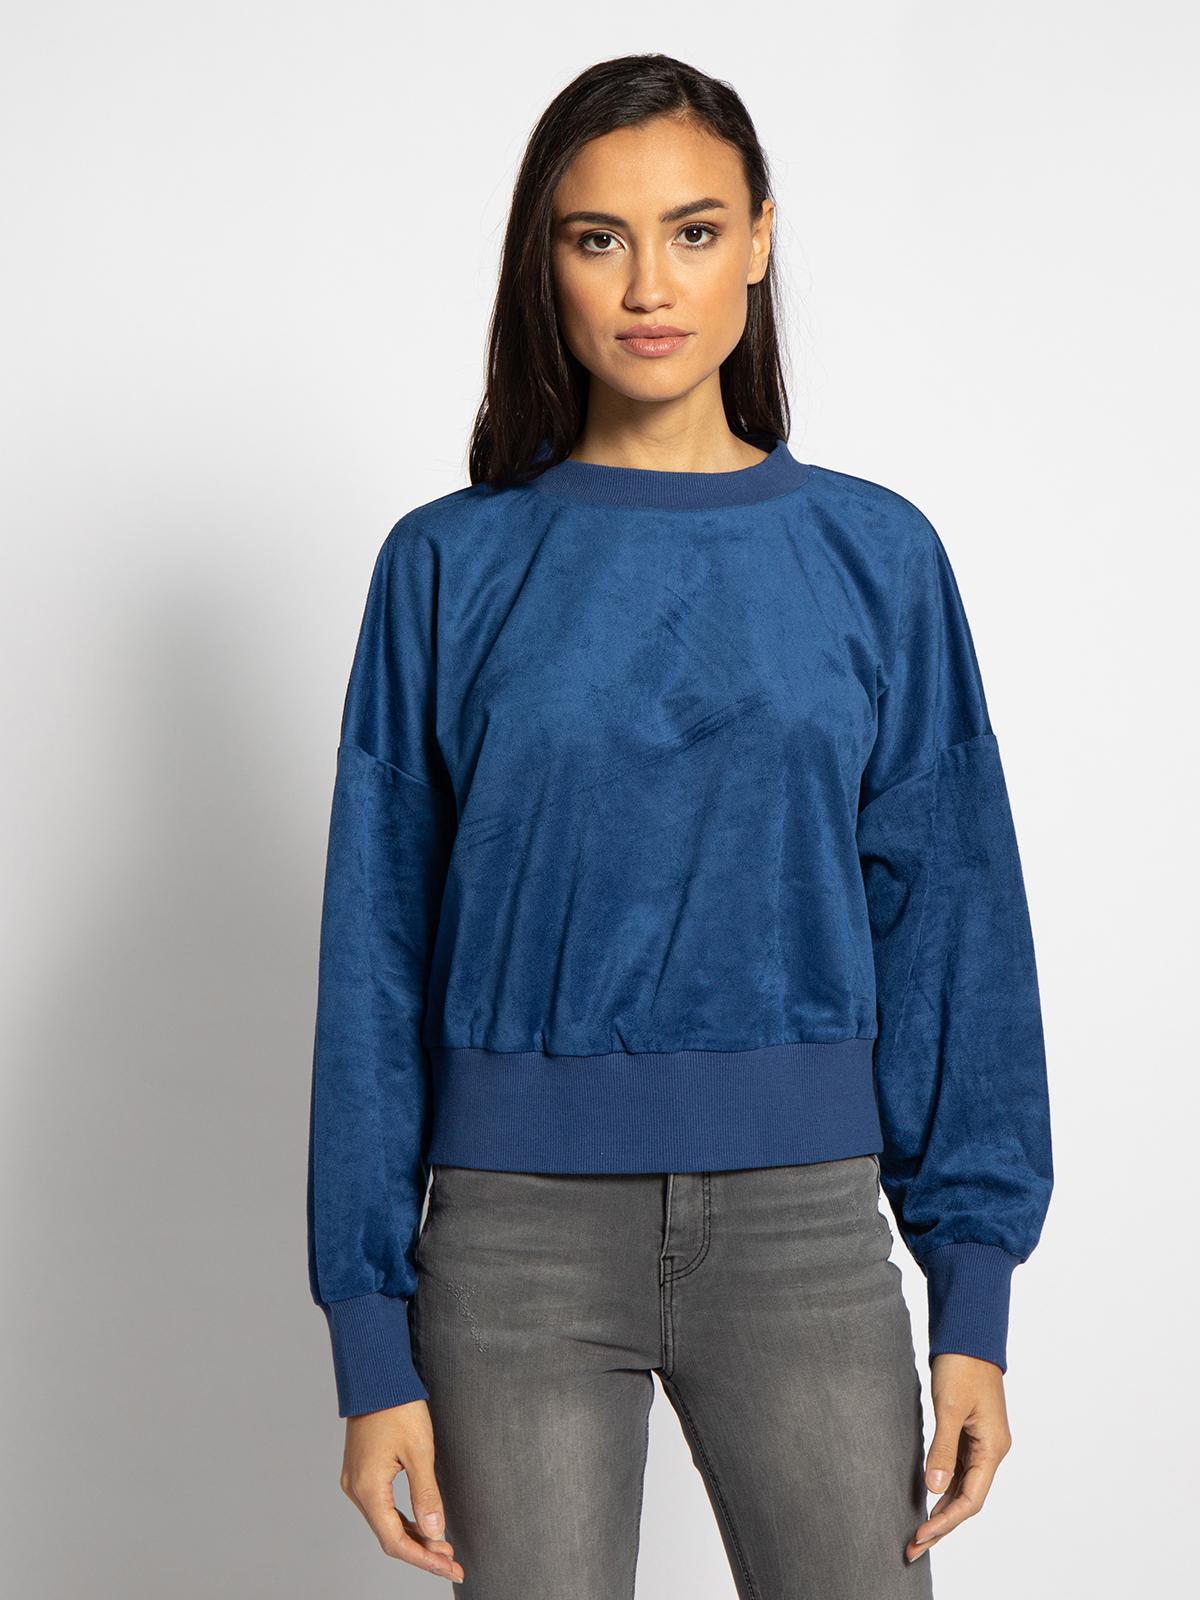 Esprit Blouse in blauw voor Dames